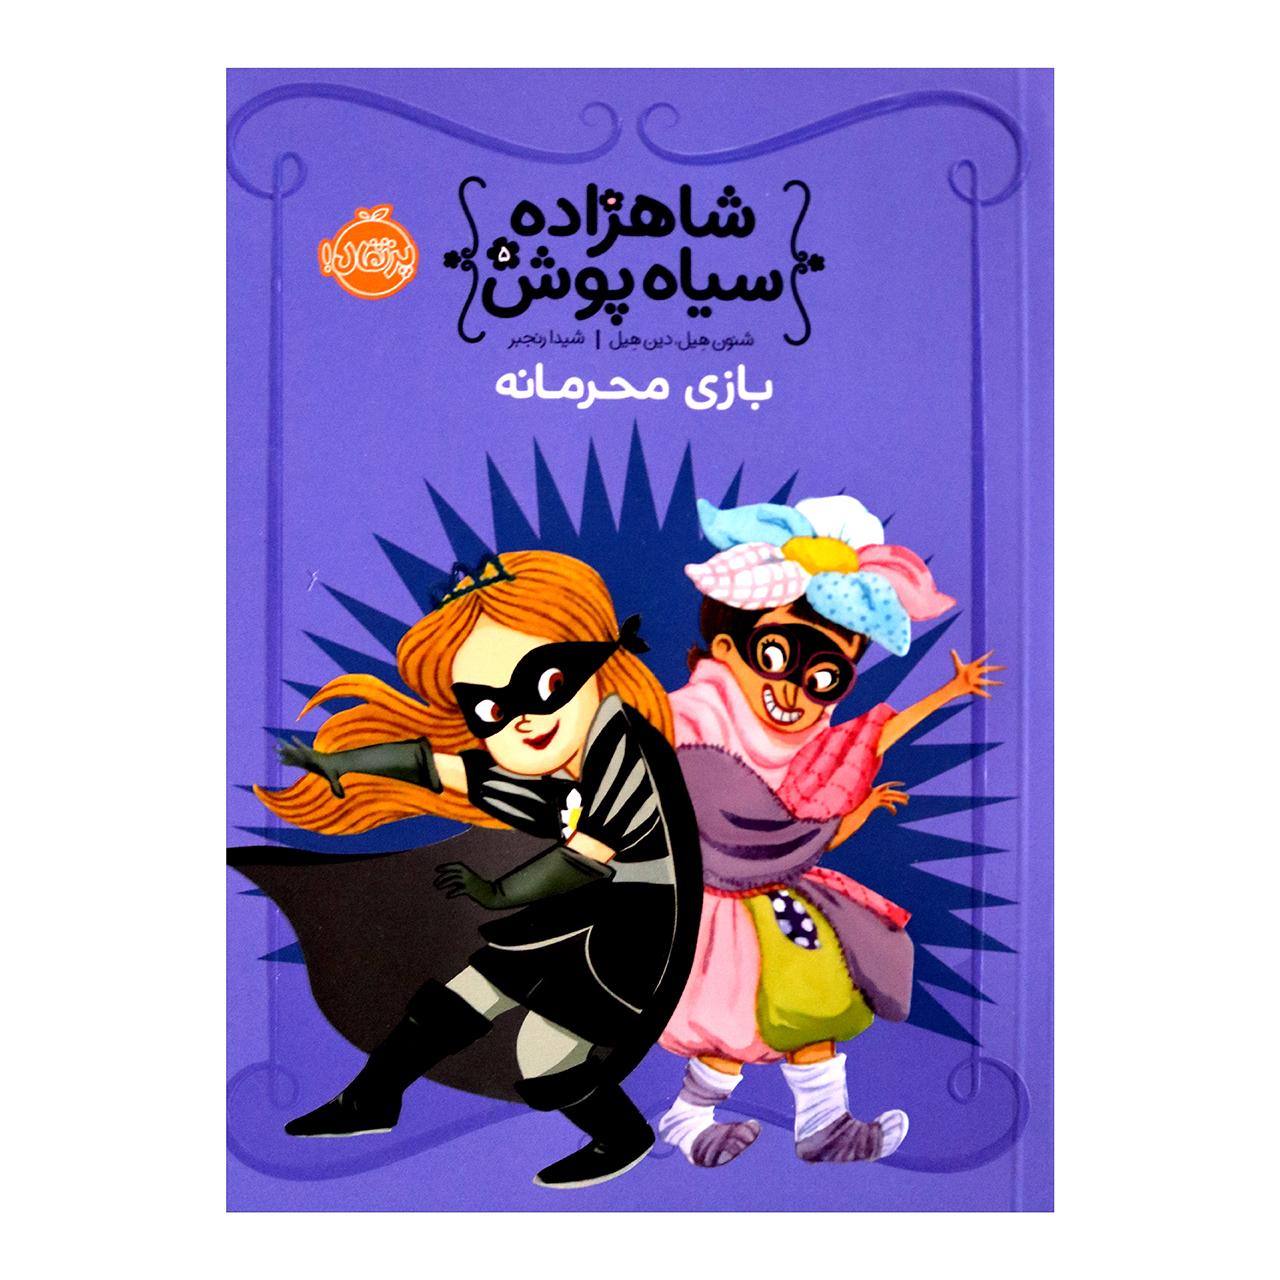 خرید                      کتاب شاهزاده سیاه پوش بازی محرمانه اثر شنون هیل دین هیل